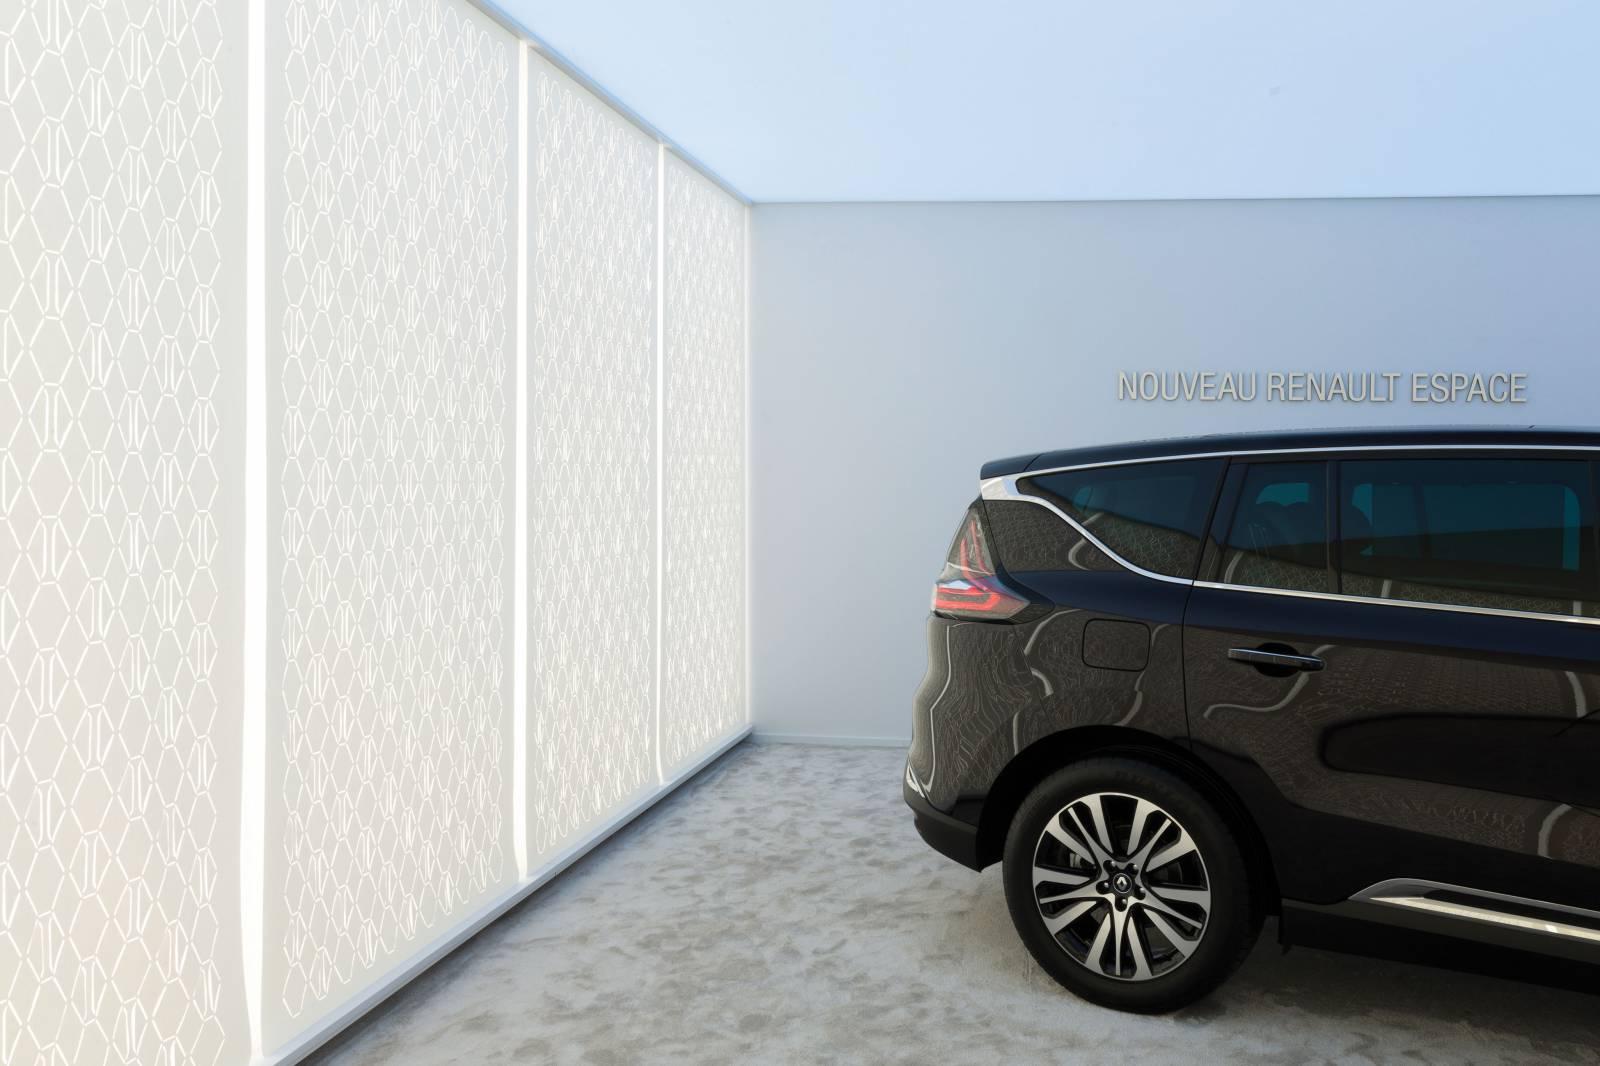 5 - Séparation d'espaces pour la marque INITIALE PARIS du groupe RENAULT